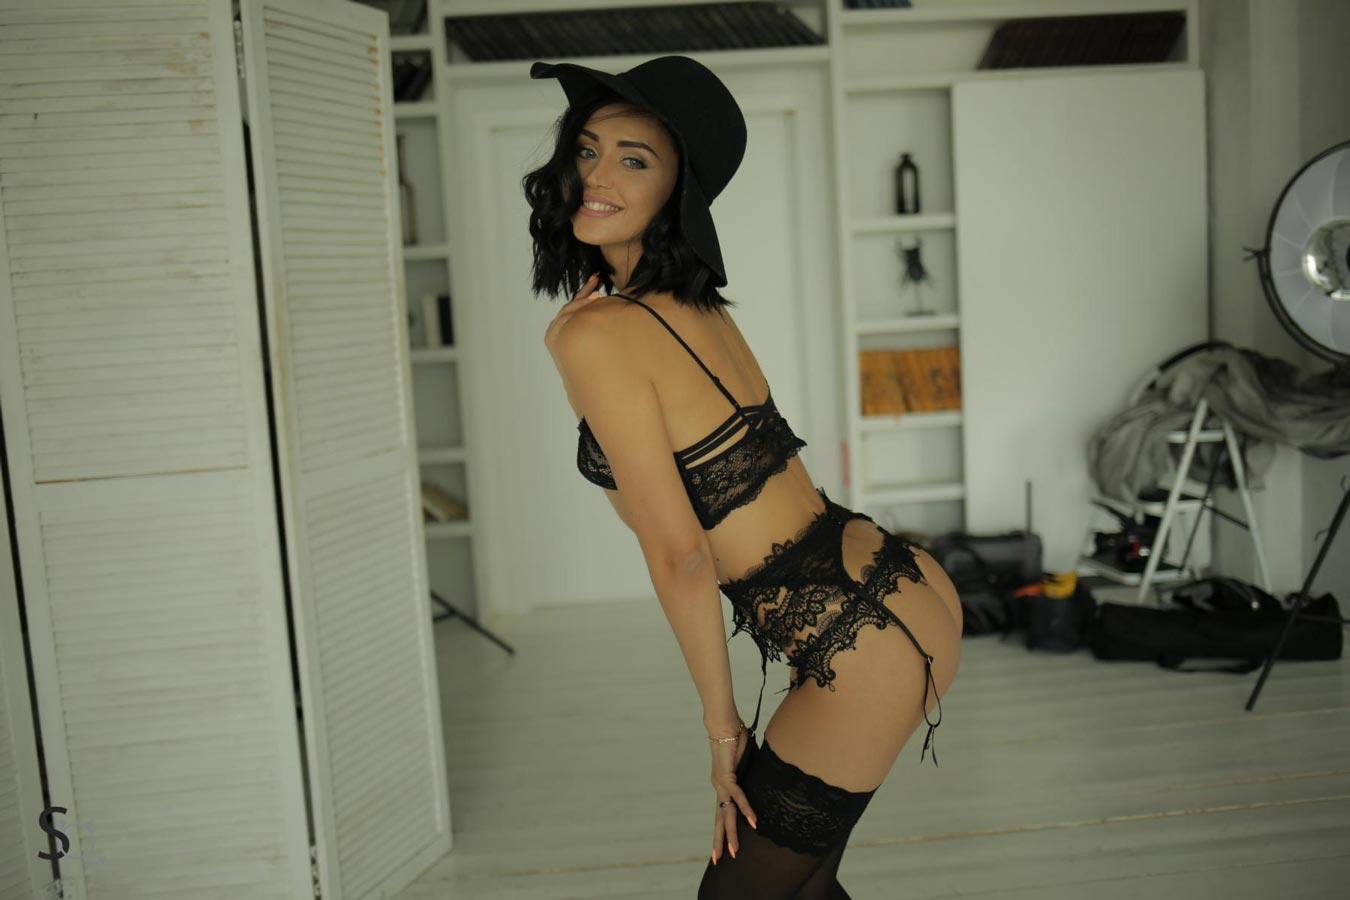 AshleyQ leaning forward in a black lingerie-StasyQ